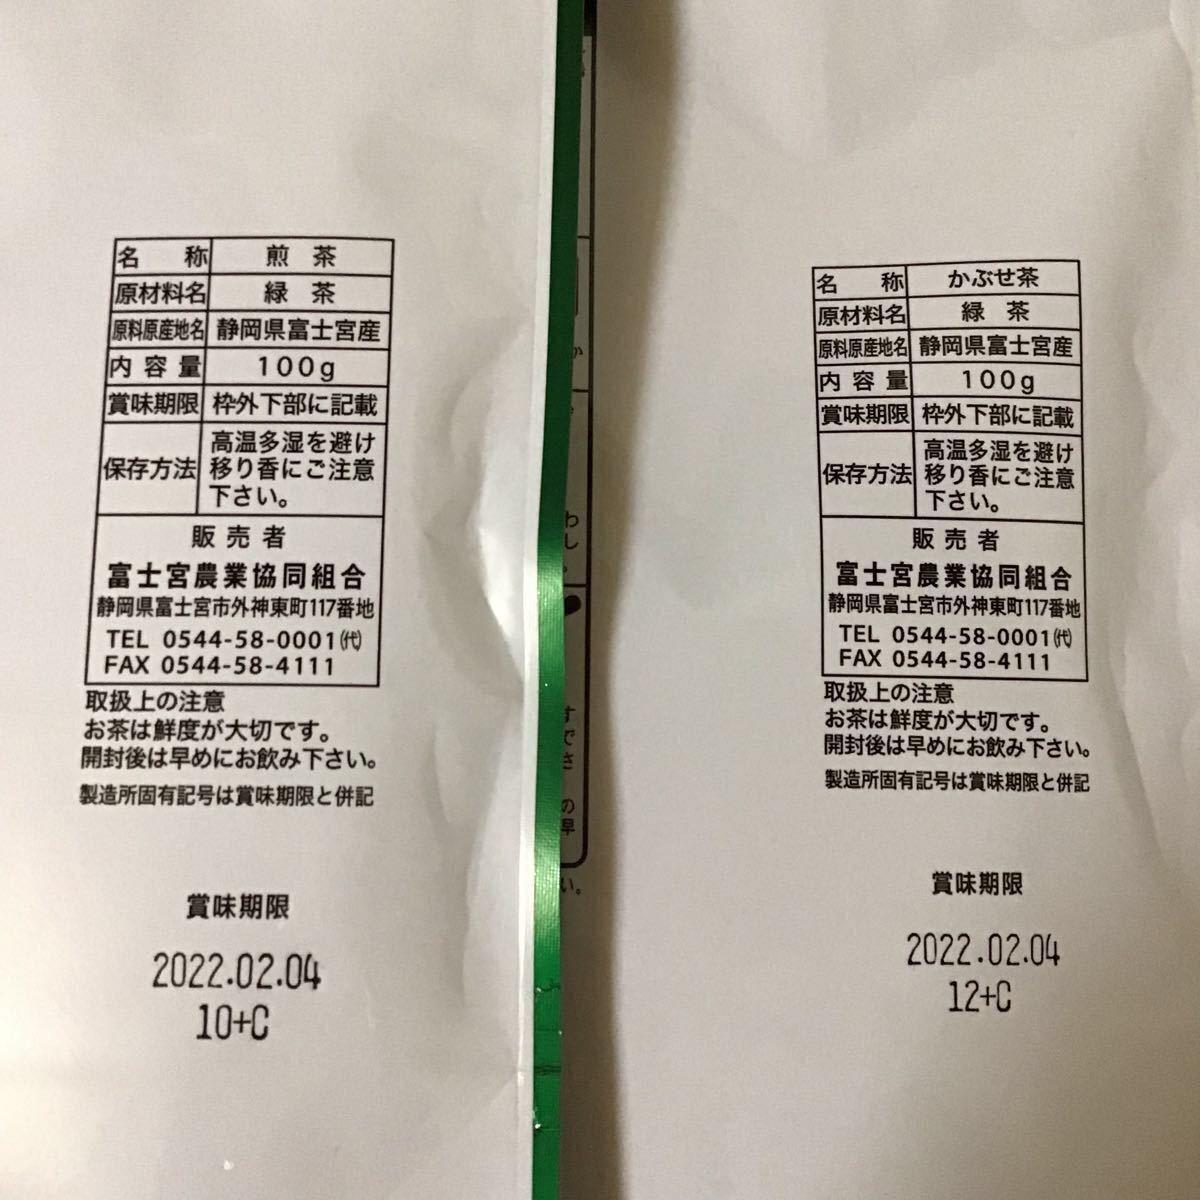 静岡県産 煎茶 + かぶせ茶 +静岡茶 各100g  3点セット